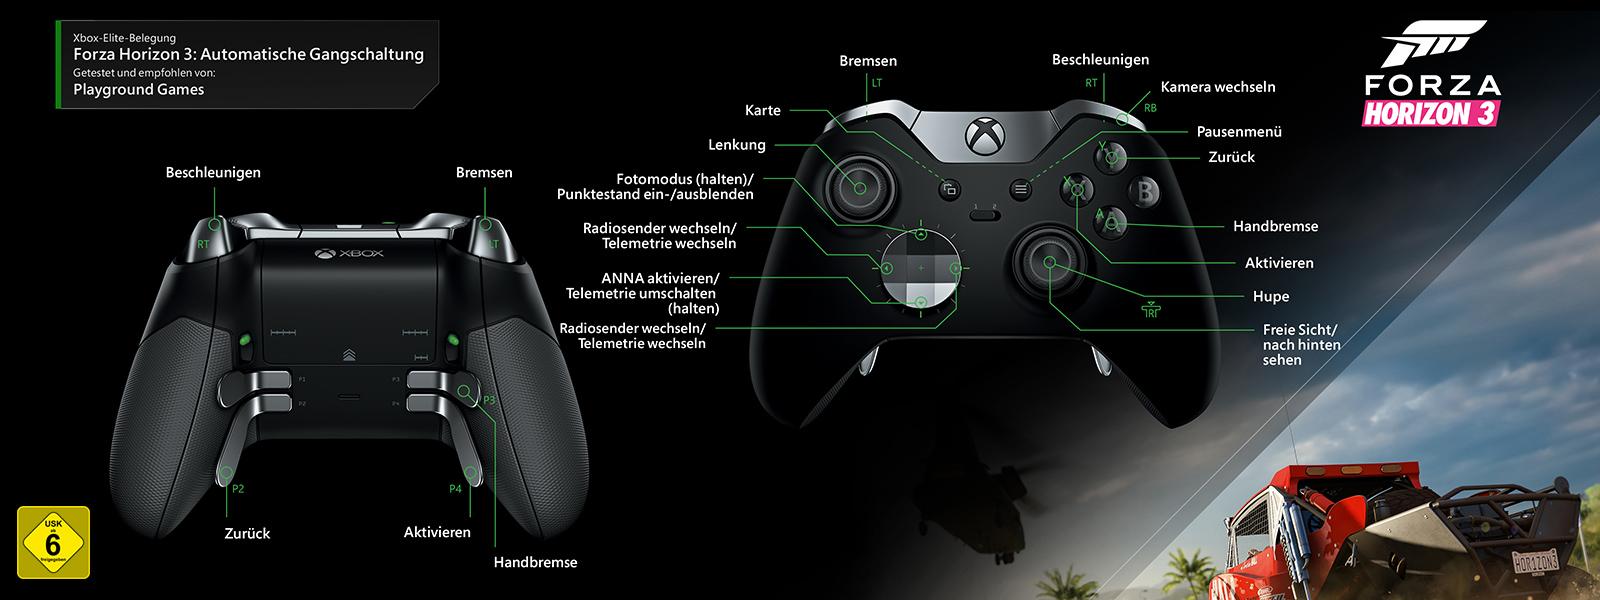 Forza Horizon 3 – Elitezuordnung für automatische Gangschaltung